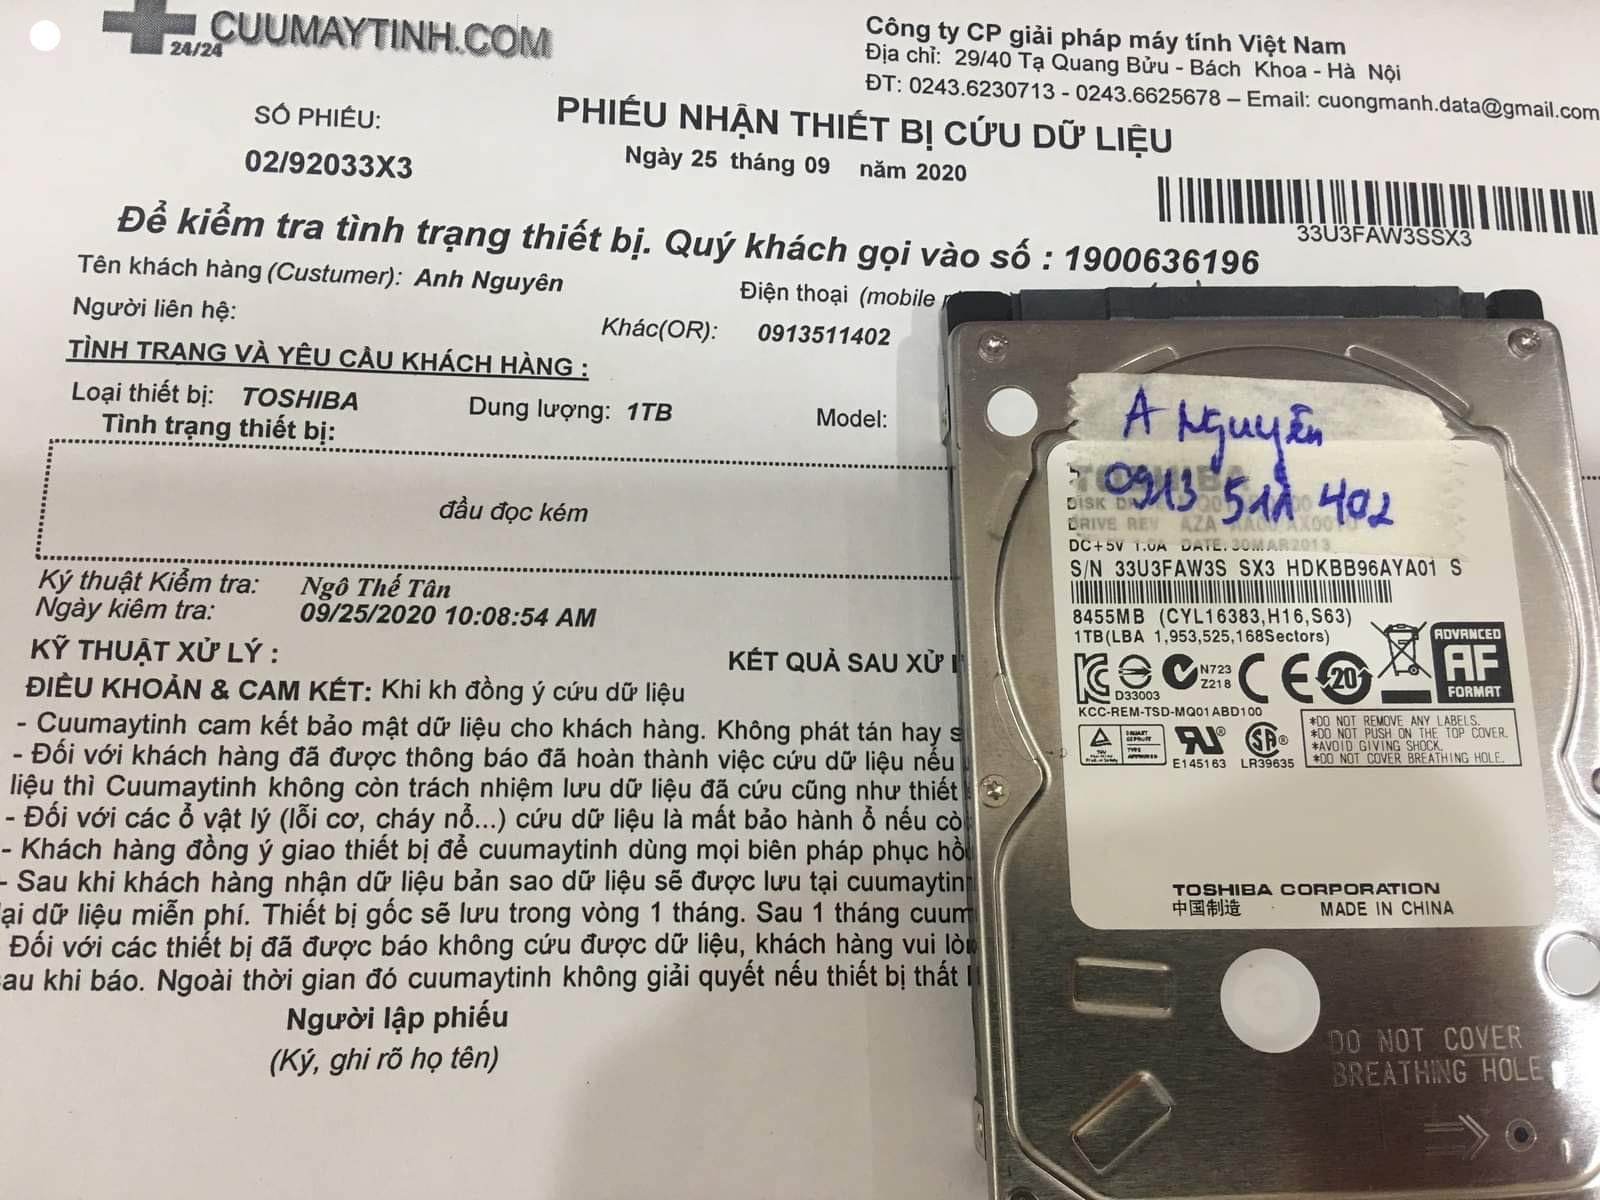 Phục hồi dữ liệu ổ cứng Toshiba 1TB đầu đọc kém 25/09/2020 - cuumaytinh